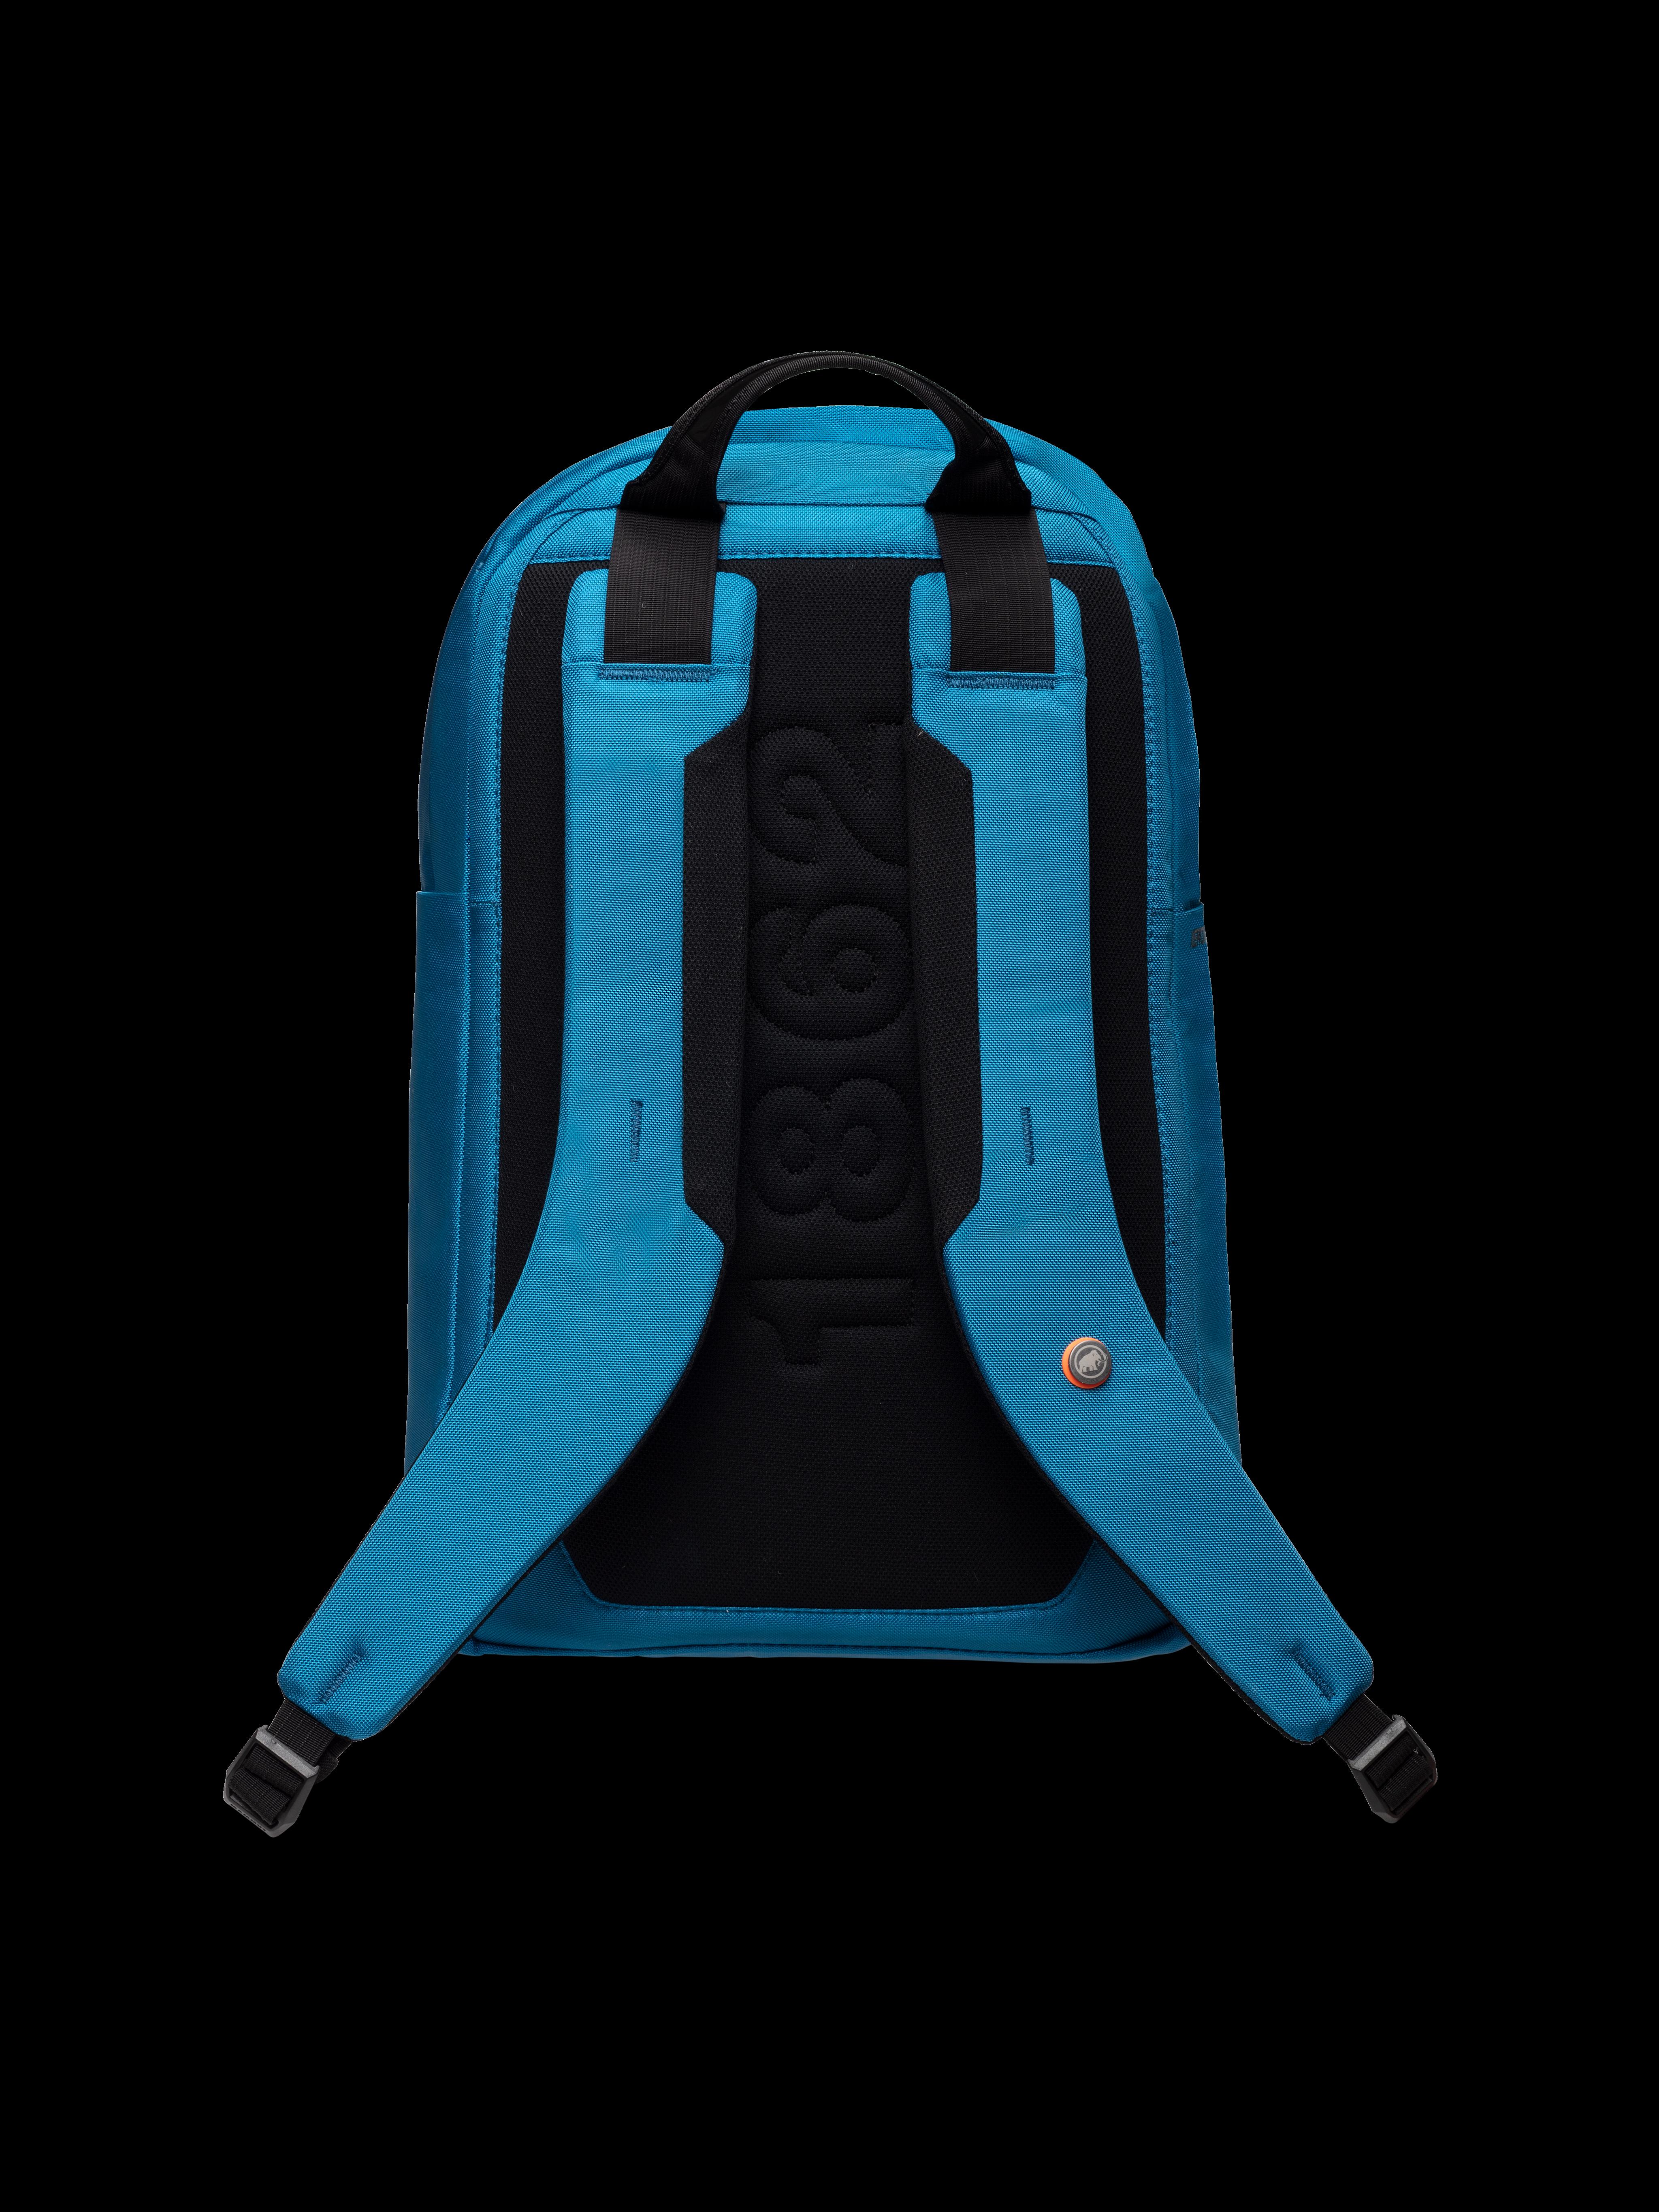 Xeron 20 product image